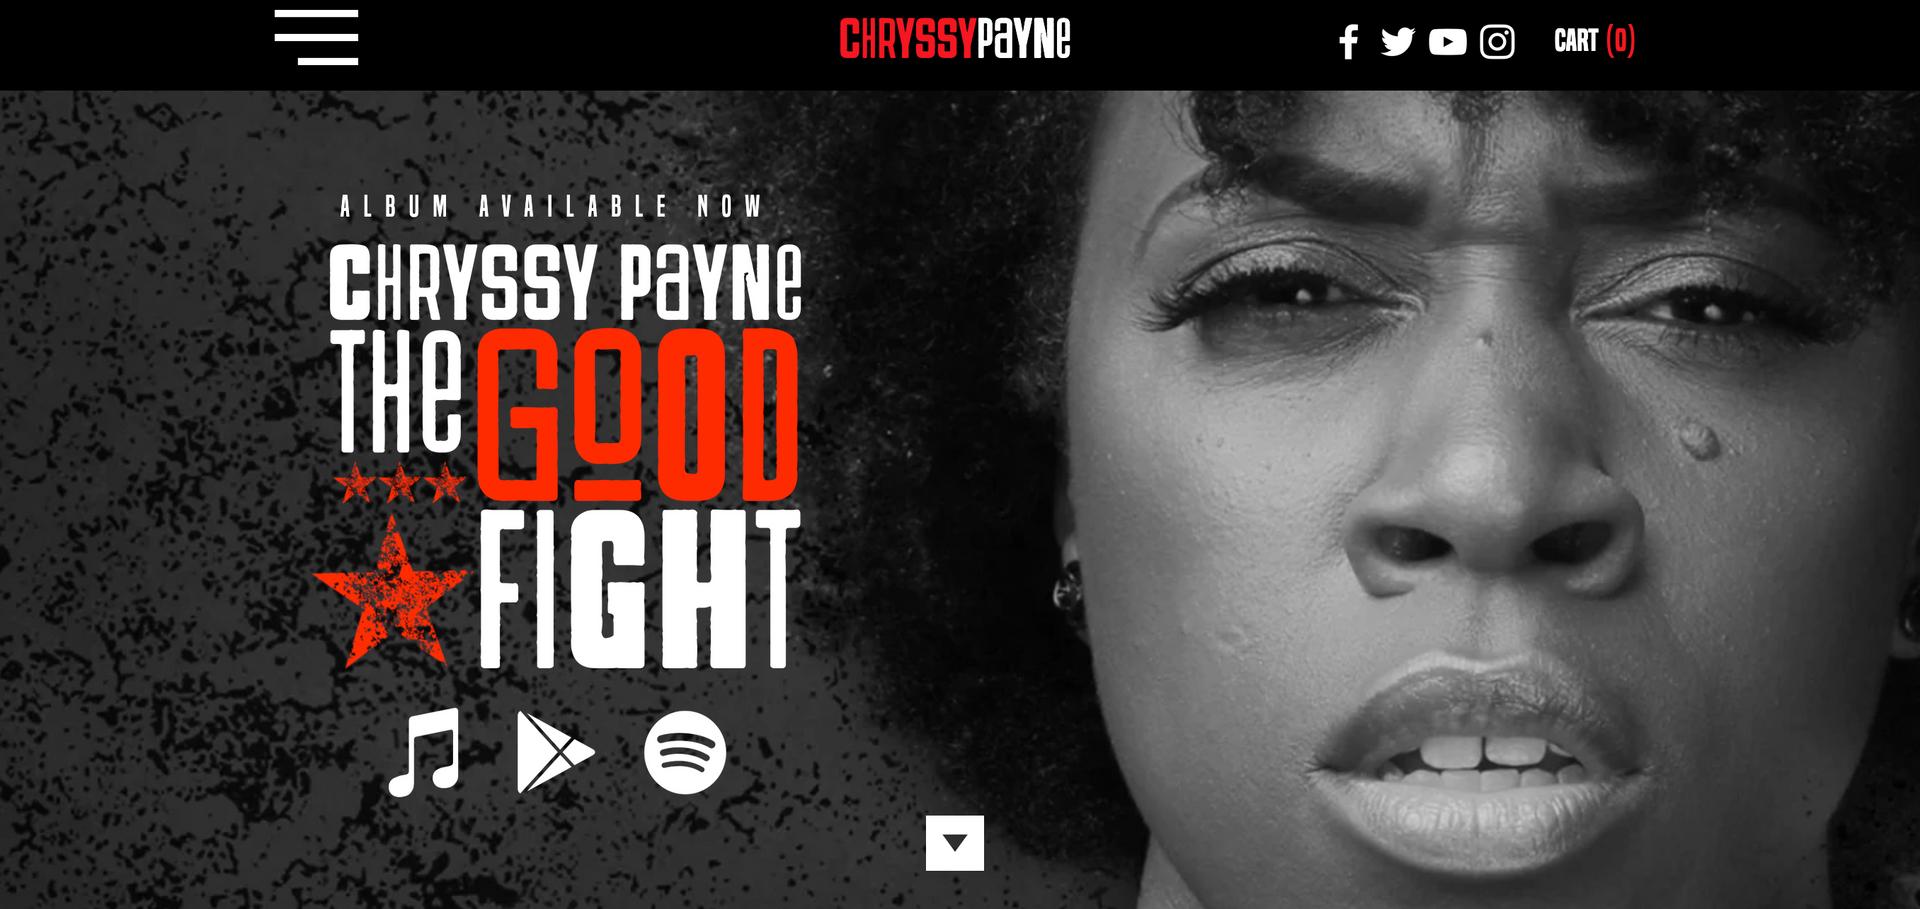 Chryssy Payne Website Home Page